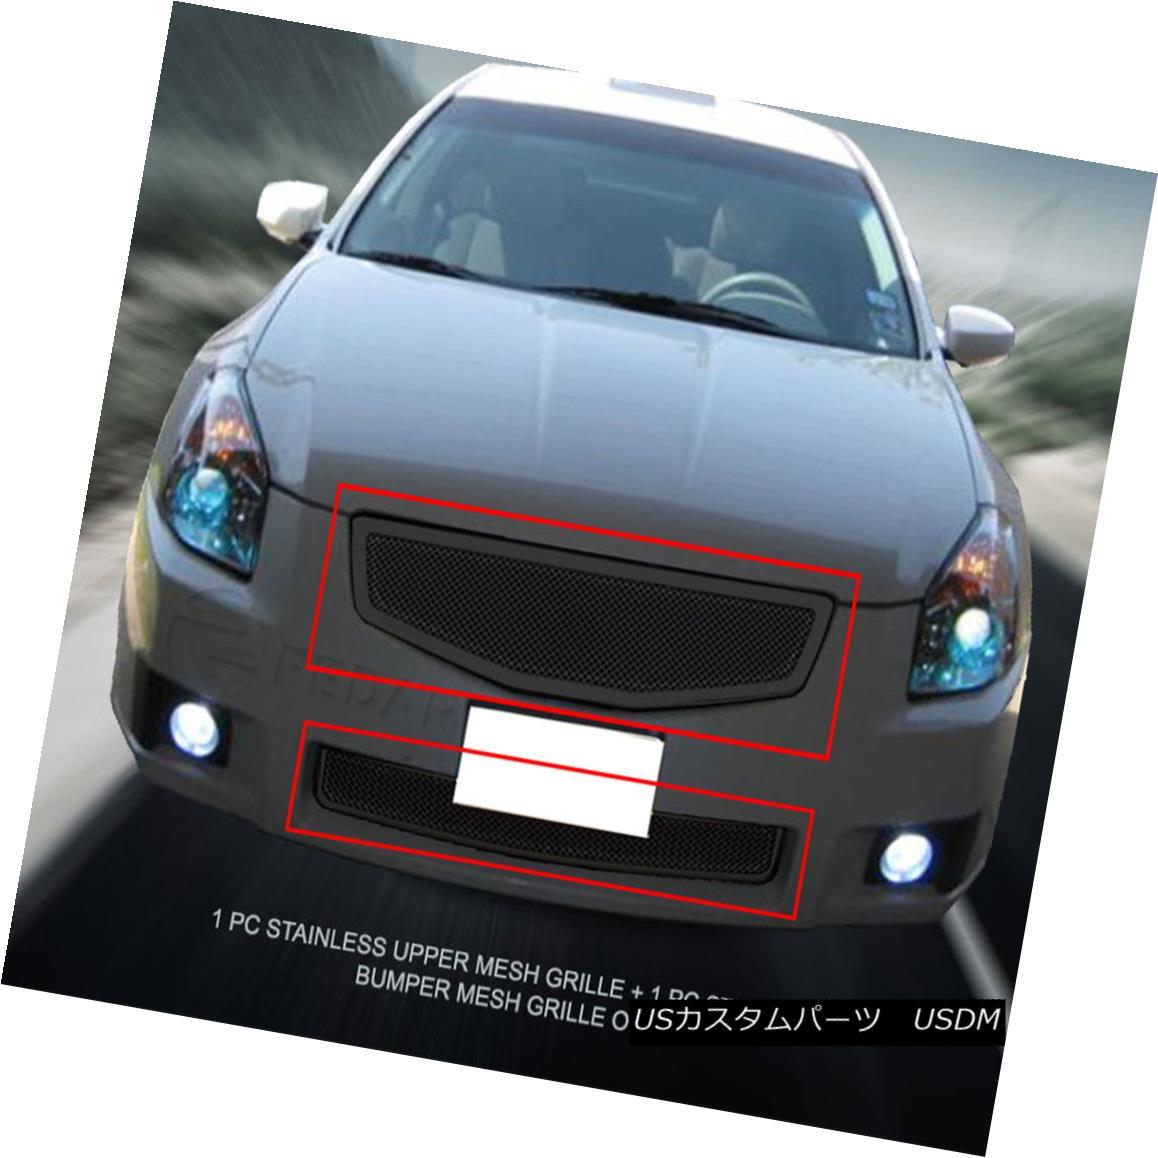 グリル Fedar Fits 07-08 Nissan Maxima Formed Mesh Grille Combo Insert Fedar Fits 07-08 Nissan Maximaがメッシュグリルコンボインサートを形成